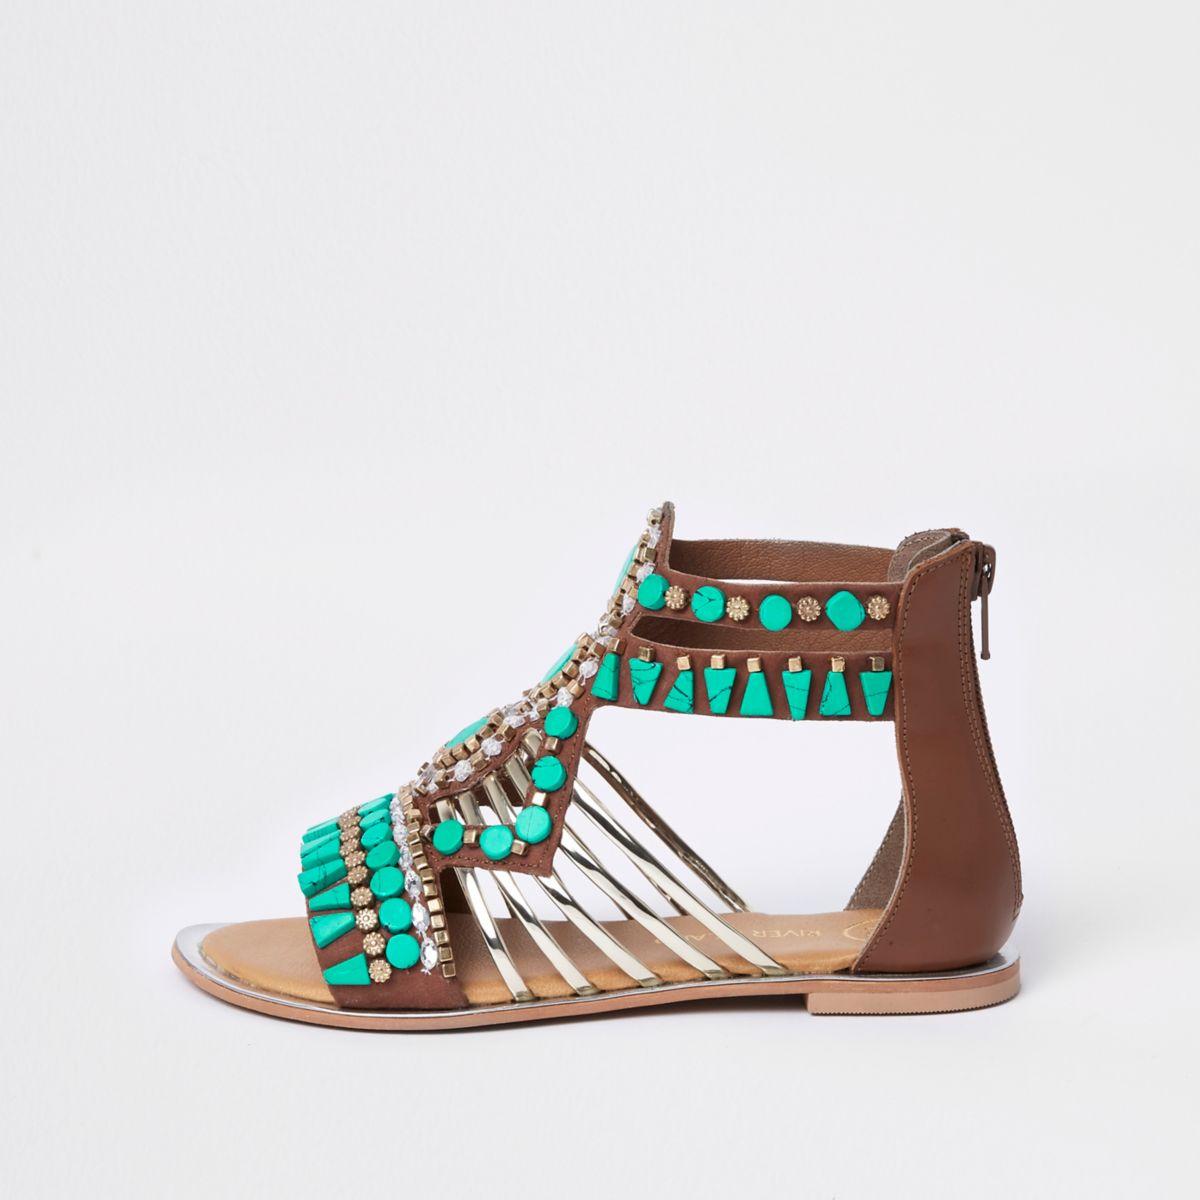 Girls turquoise gem embellished T-bar sandals